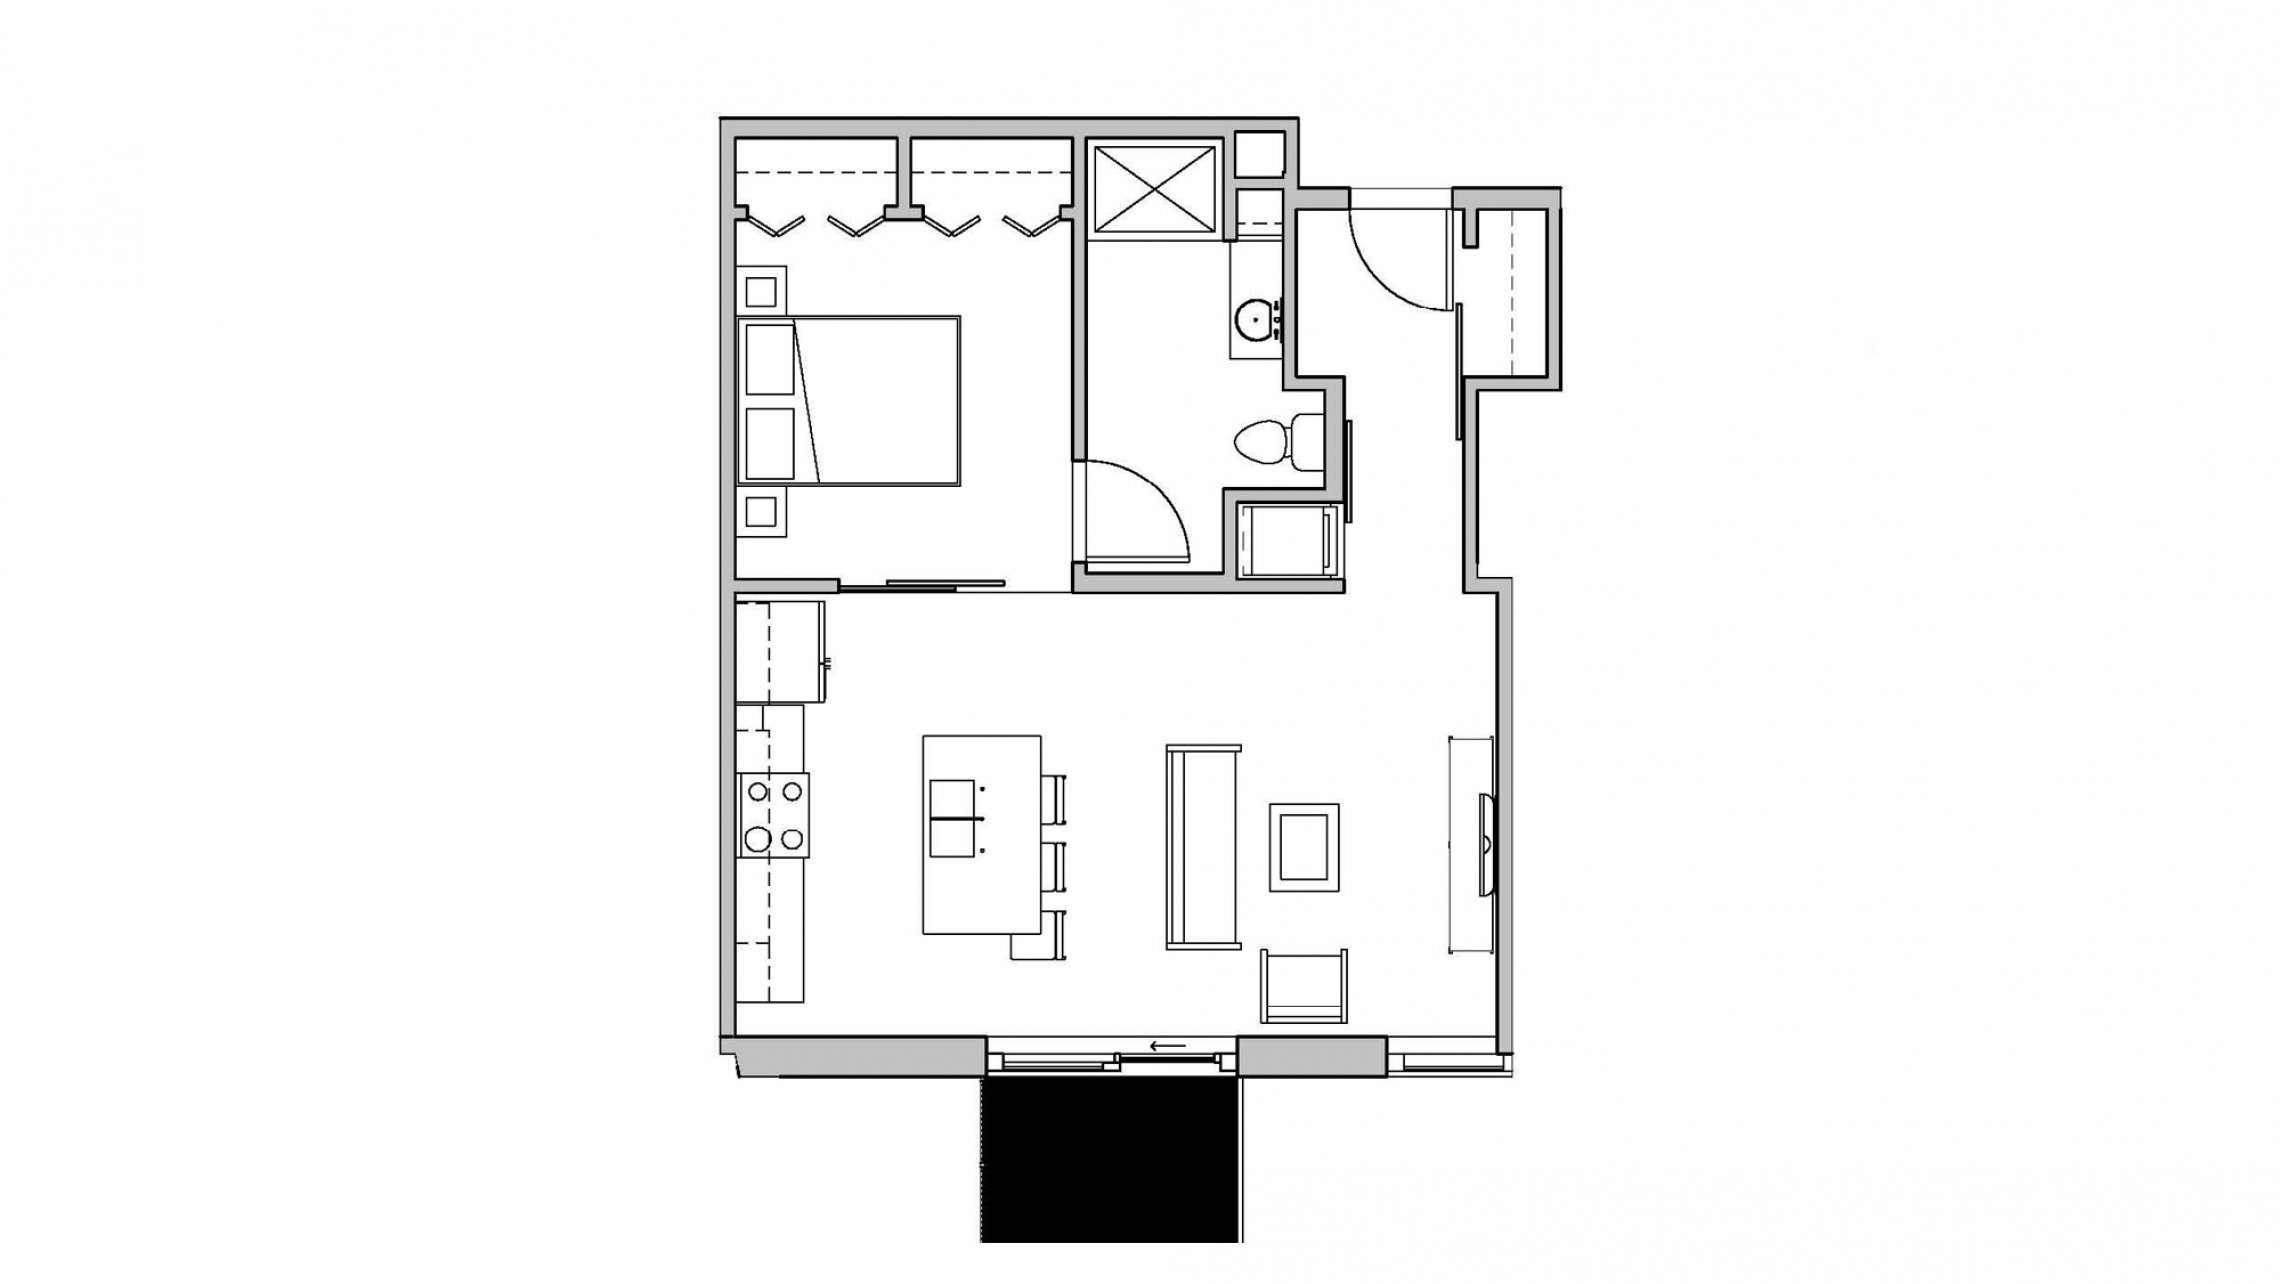 ULI Seven27 413 - One Bedroom, One Bathroom